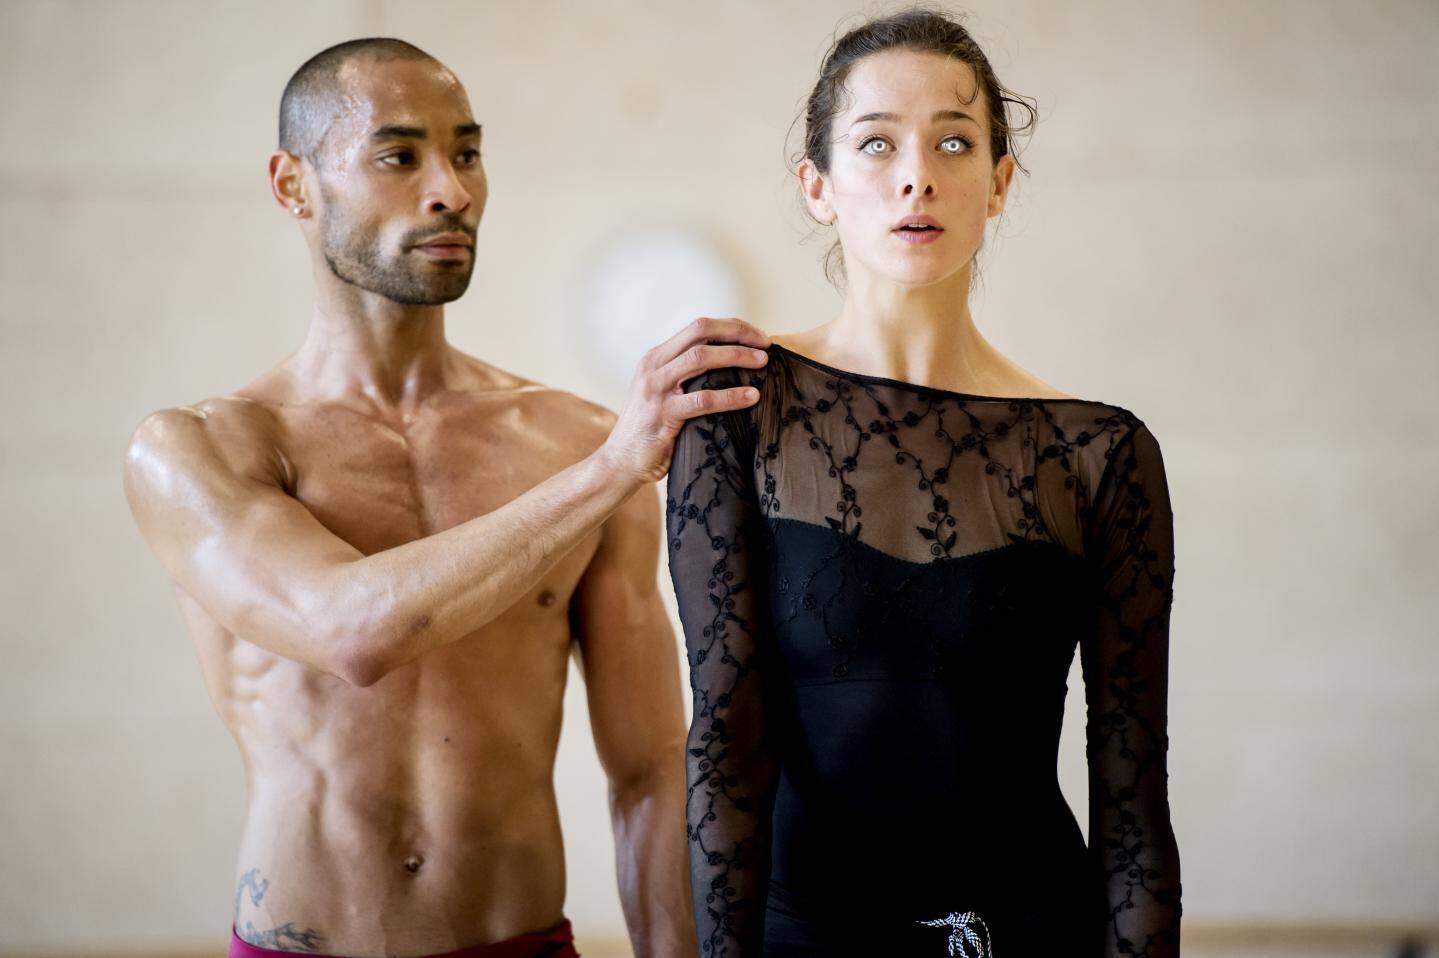 Le rôle de Coppélia compte parmi les plus connus du répertoire classique d'une danseuse.